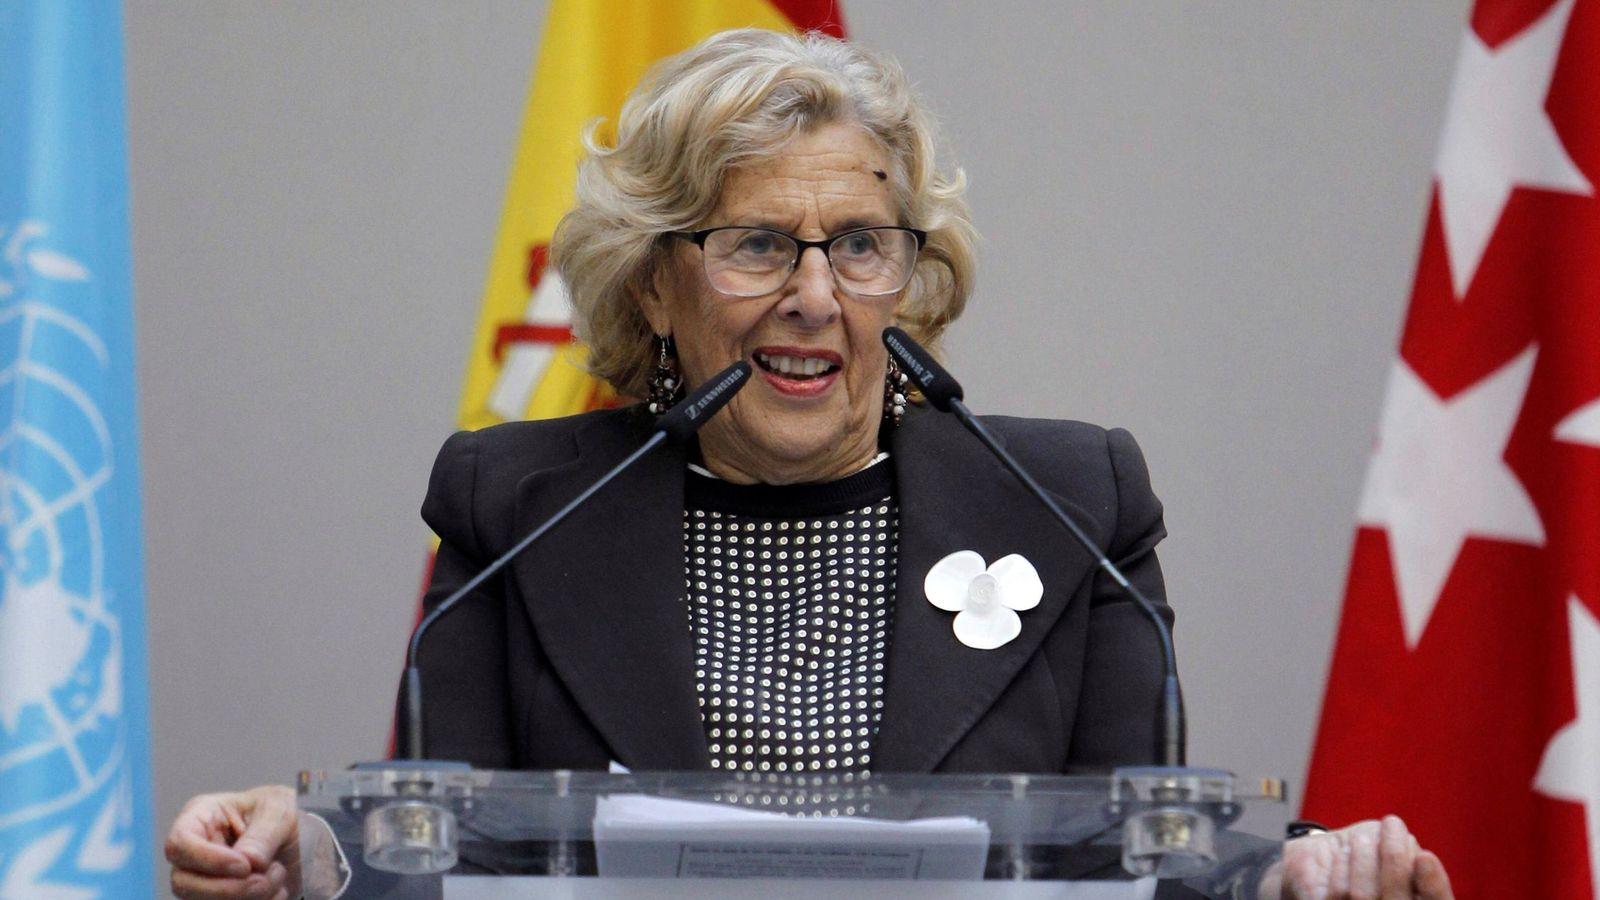 Foto: La alcaldesa de Madrid, Manuela Carmena, durante los actos conmemorativos del Día de Naciones Unidas. (EFE)